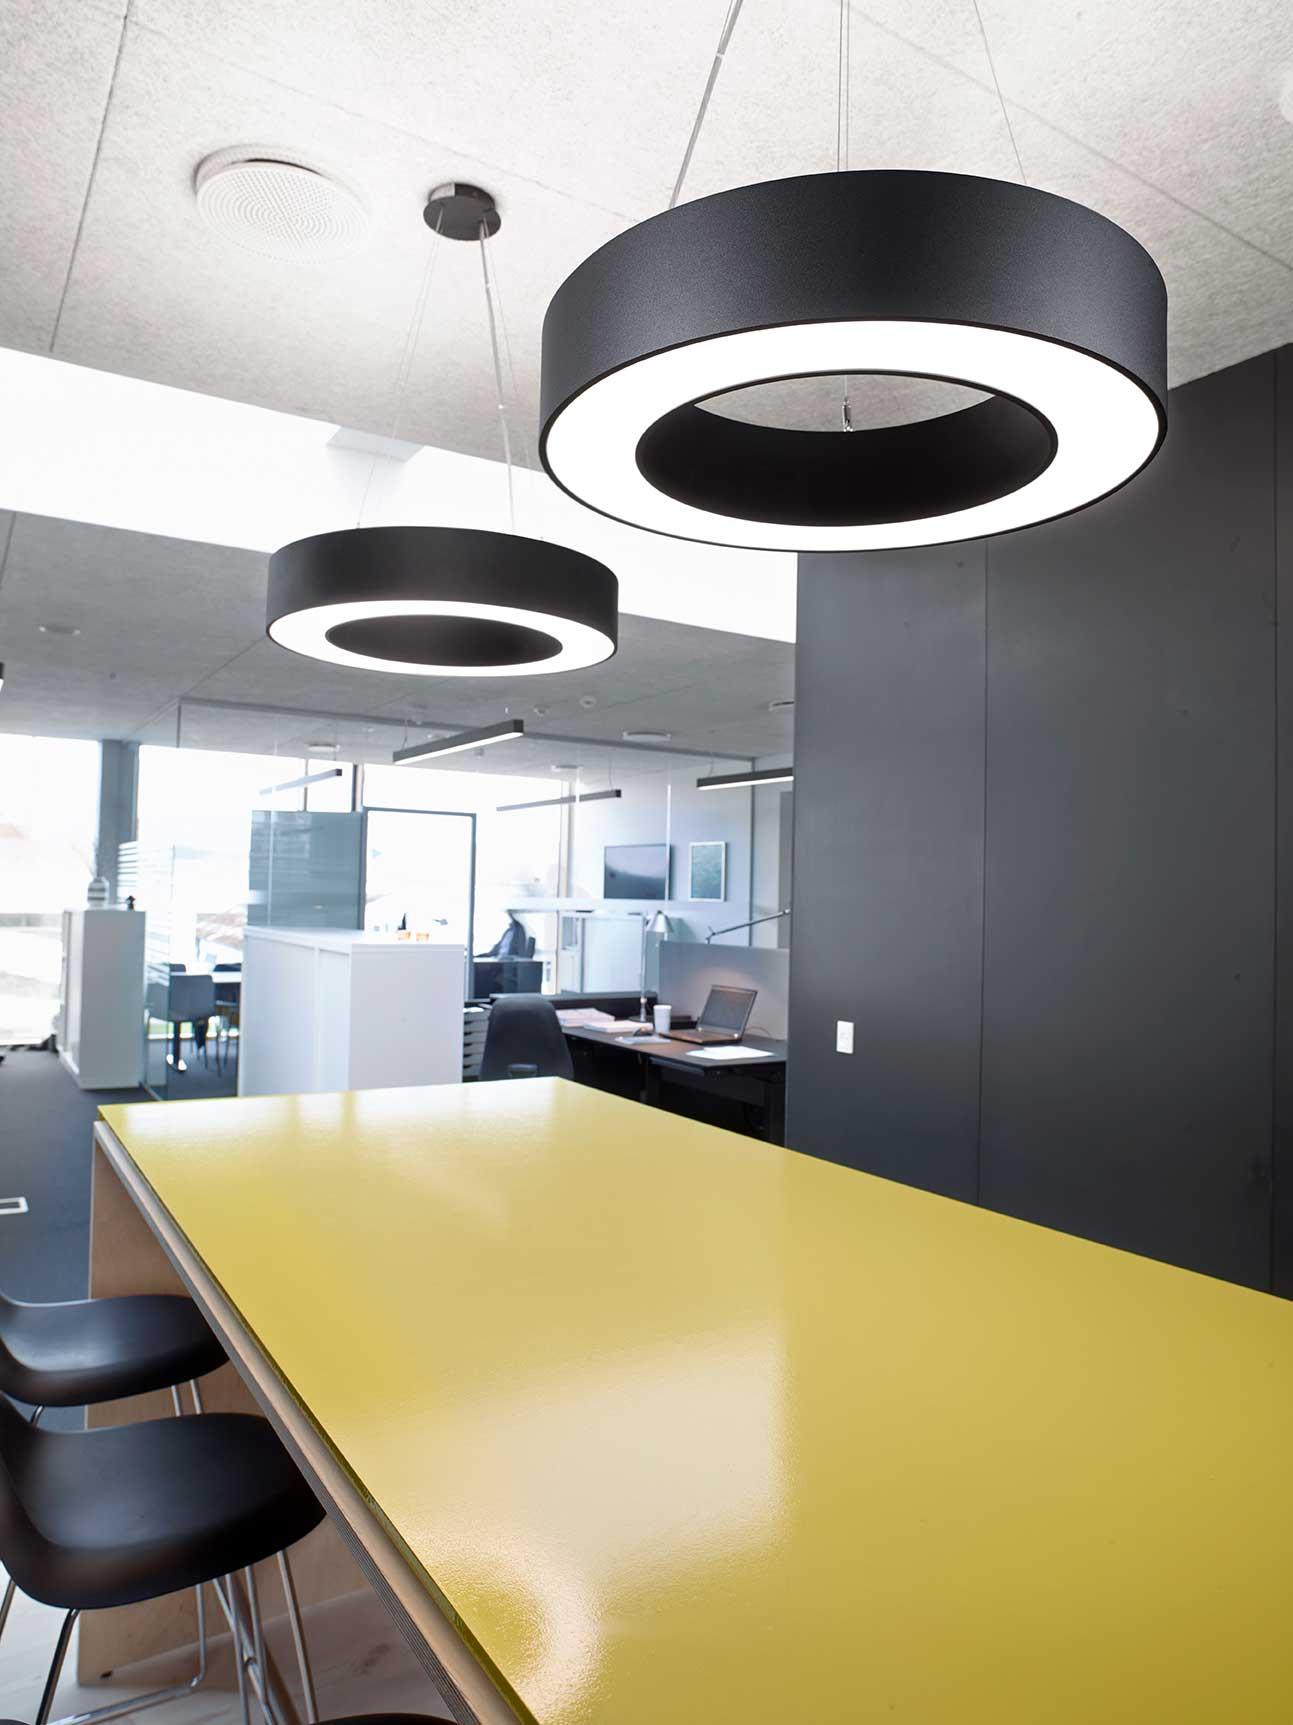 Ringo star pendel lampe nedhængt over gult mødebord i kontormiljø - Luminex